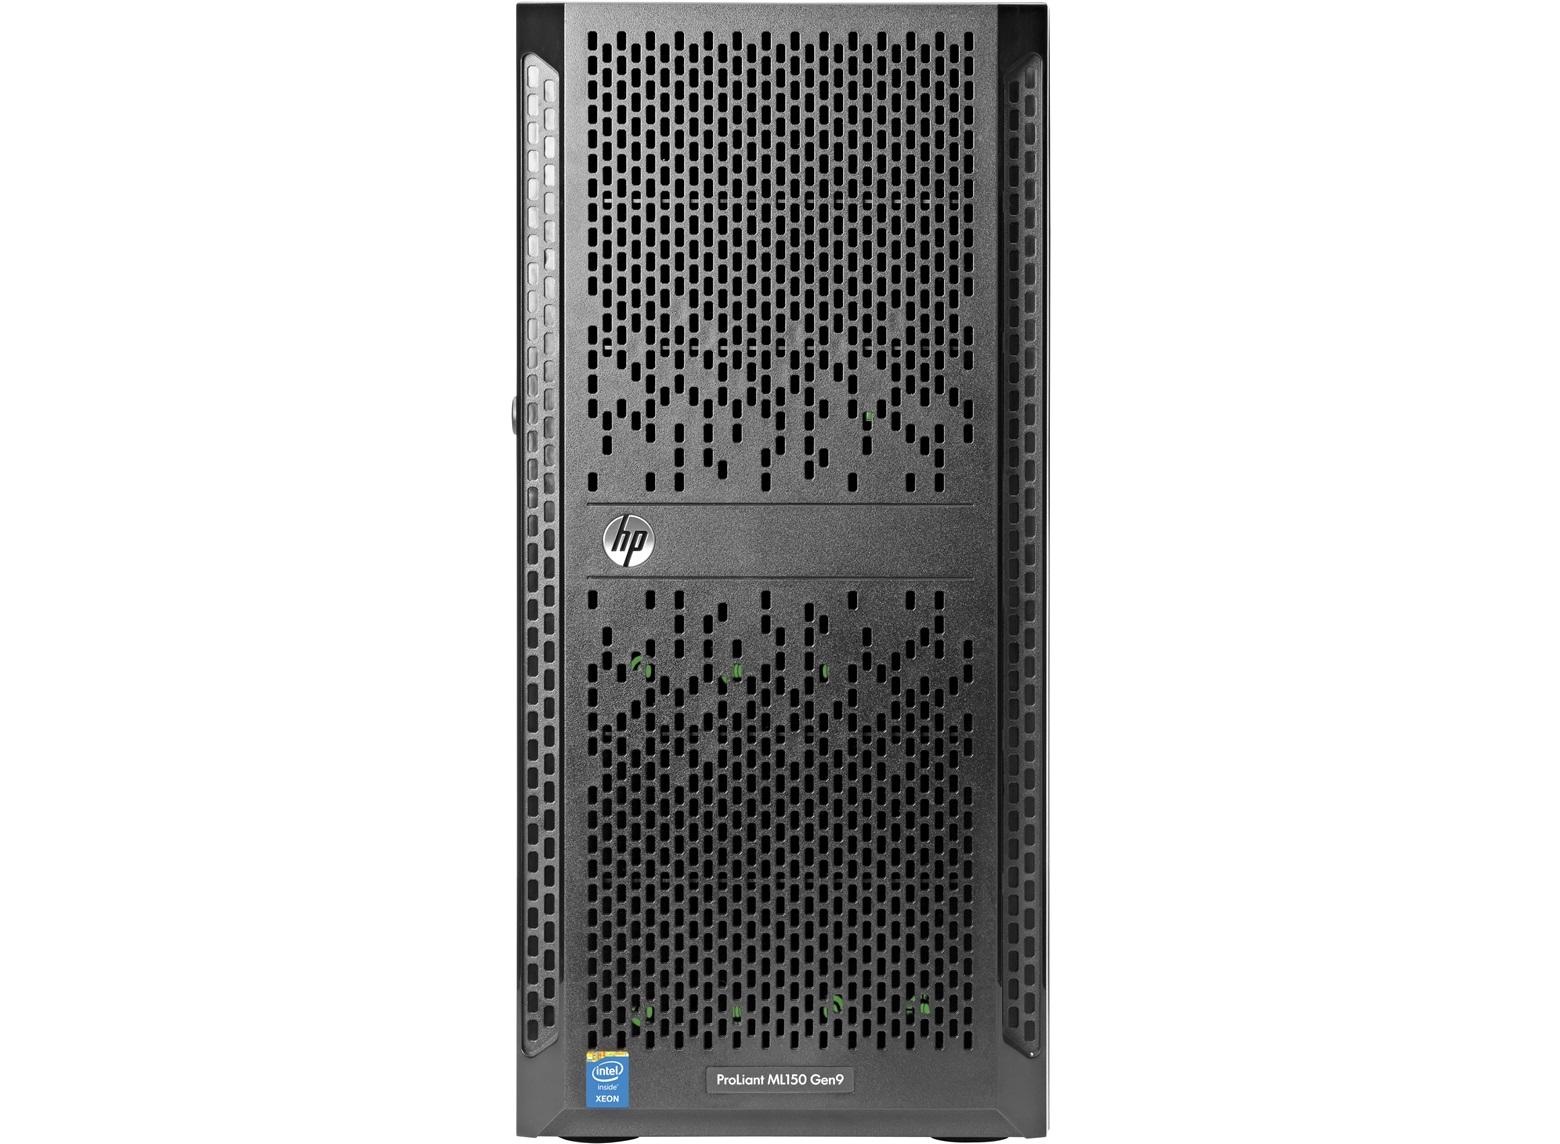 HP ML150 Gen9 E5-2620v3, 16GB, 1TB SATA, H240